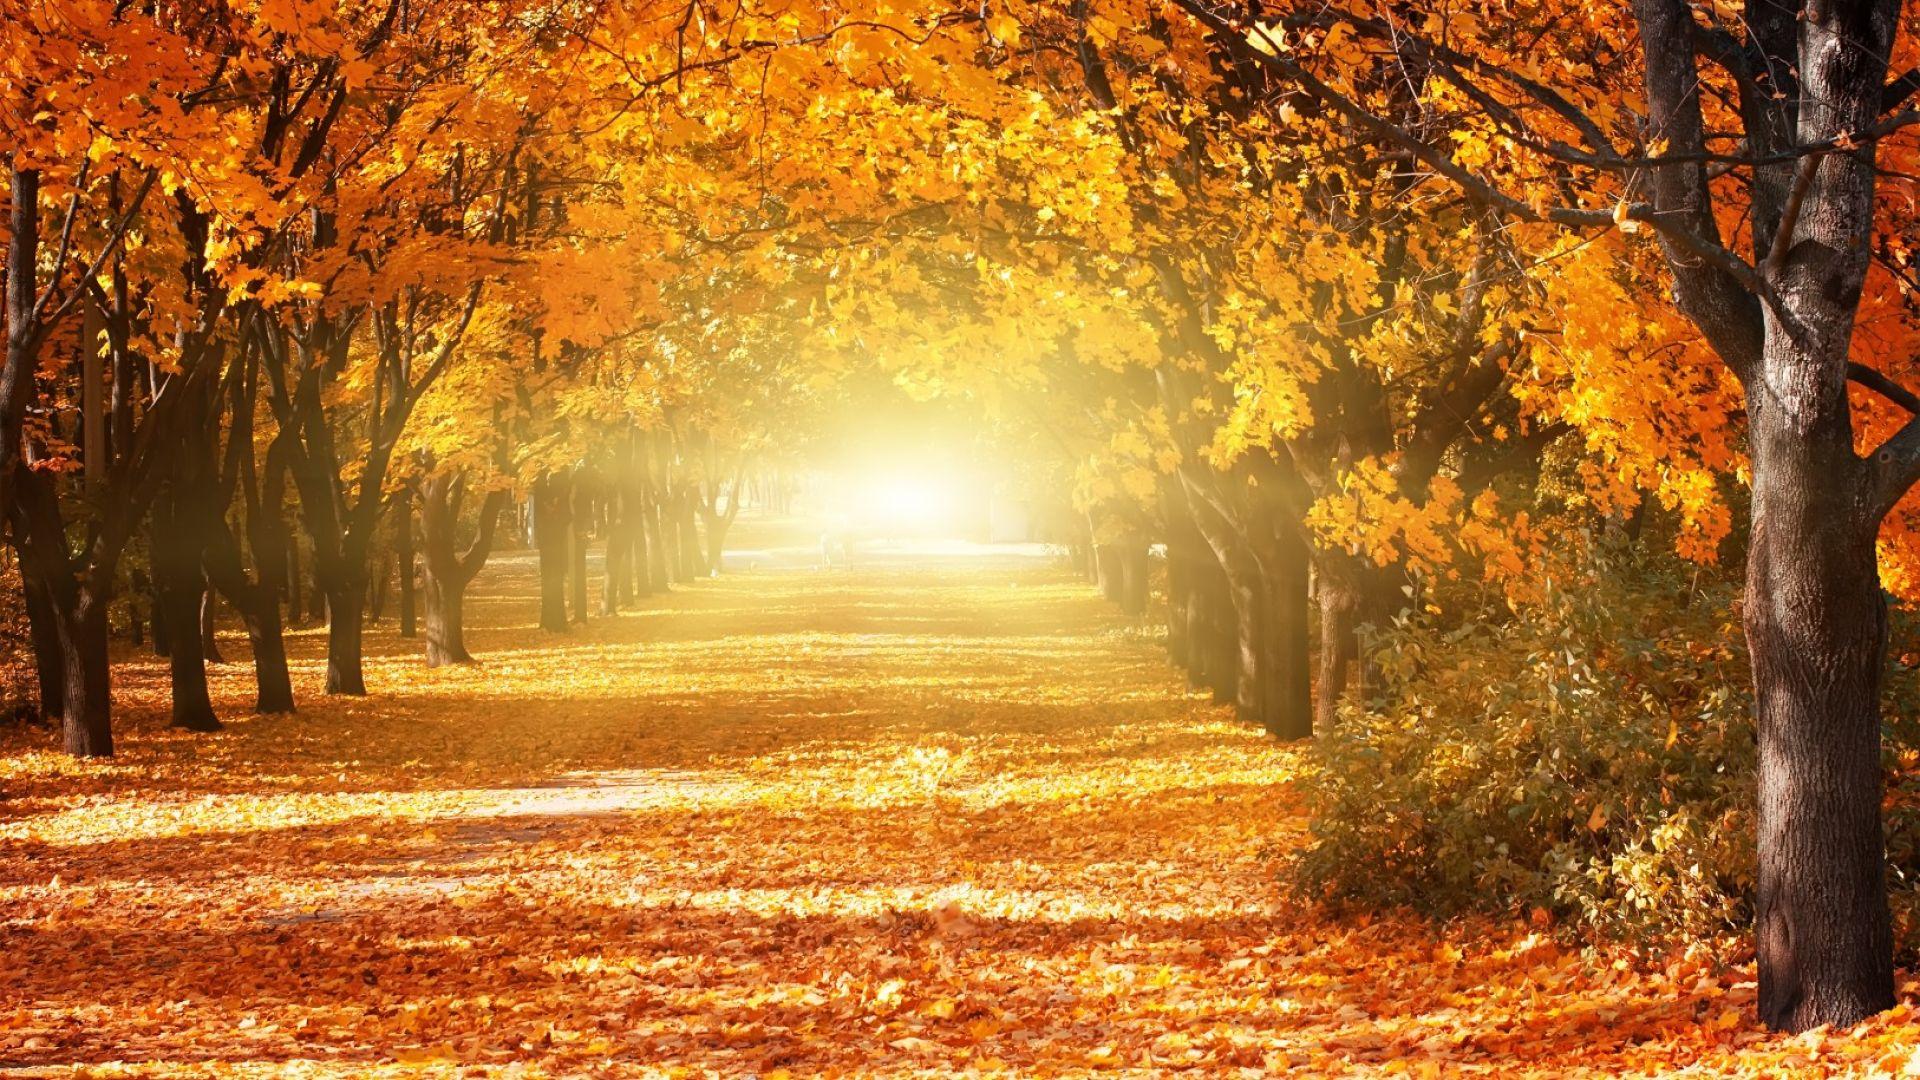 Студ или циганско лято през октомври? (галерия от карти)